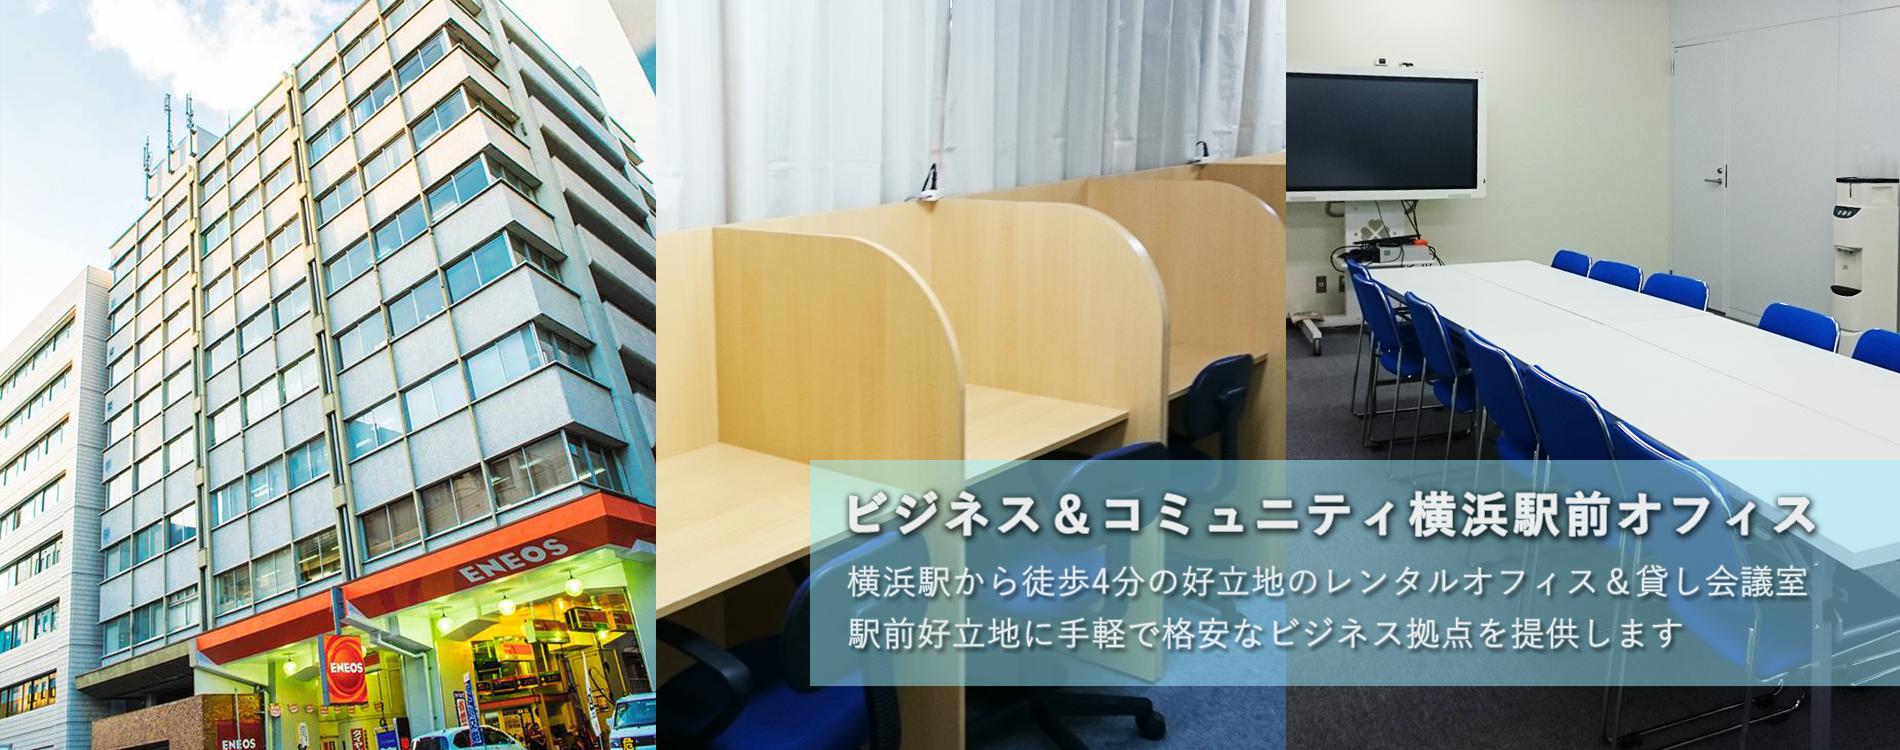 ビジネス&コミュニティ横浜駅前オフィス